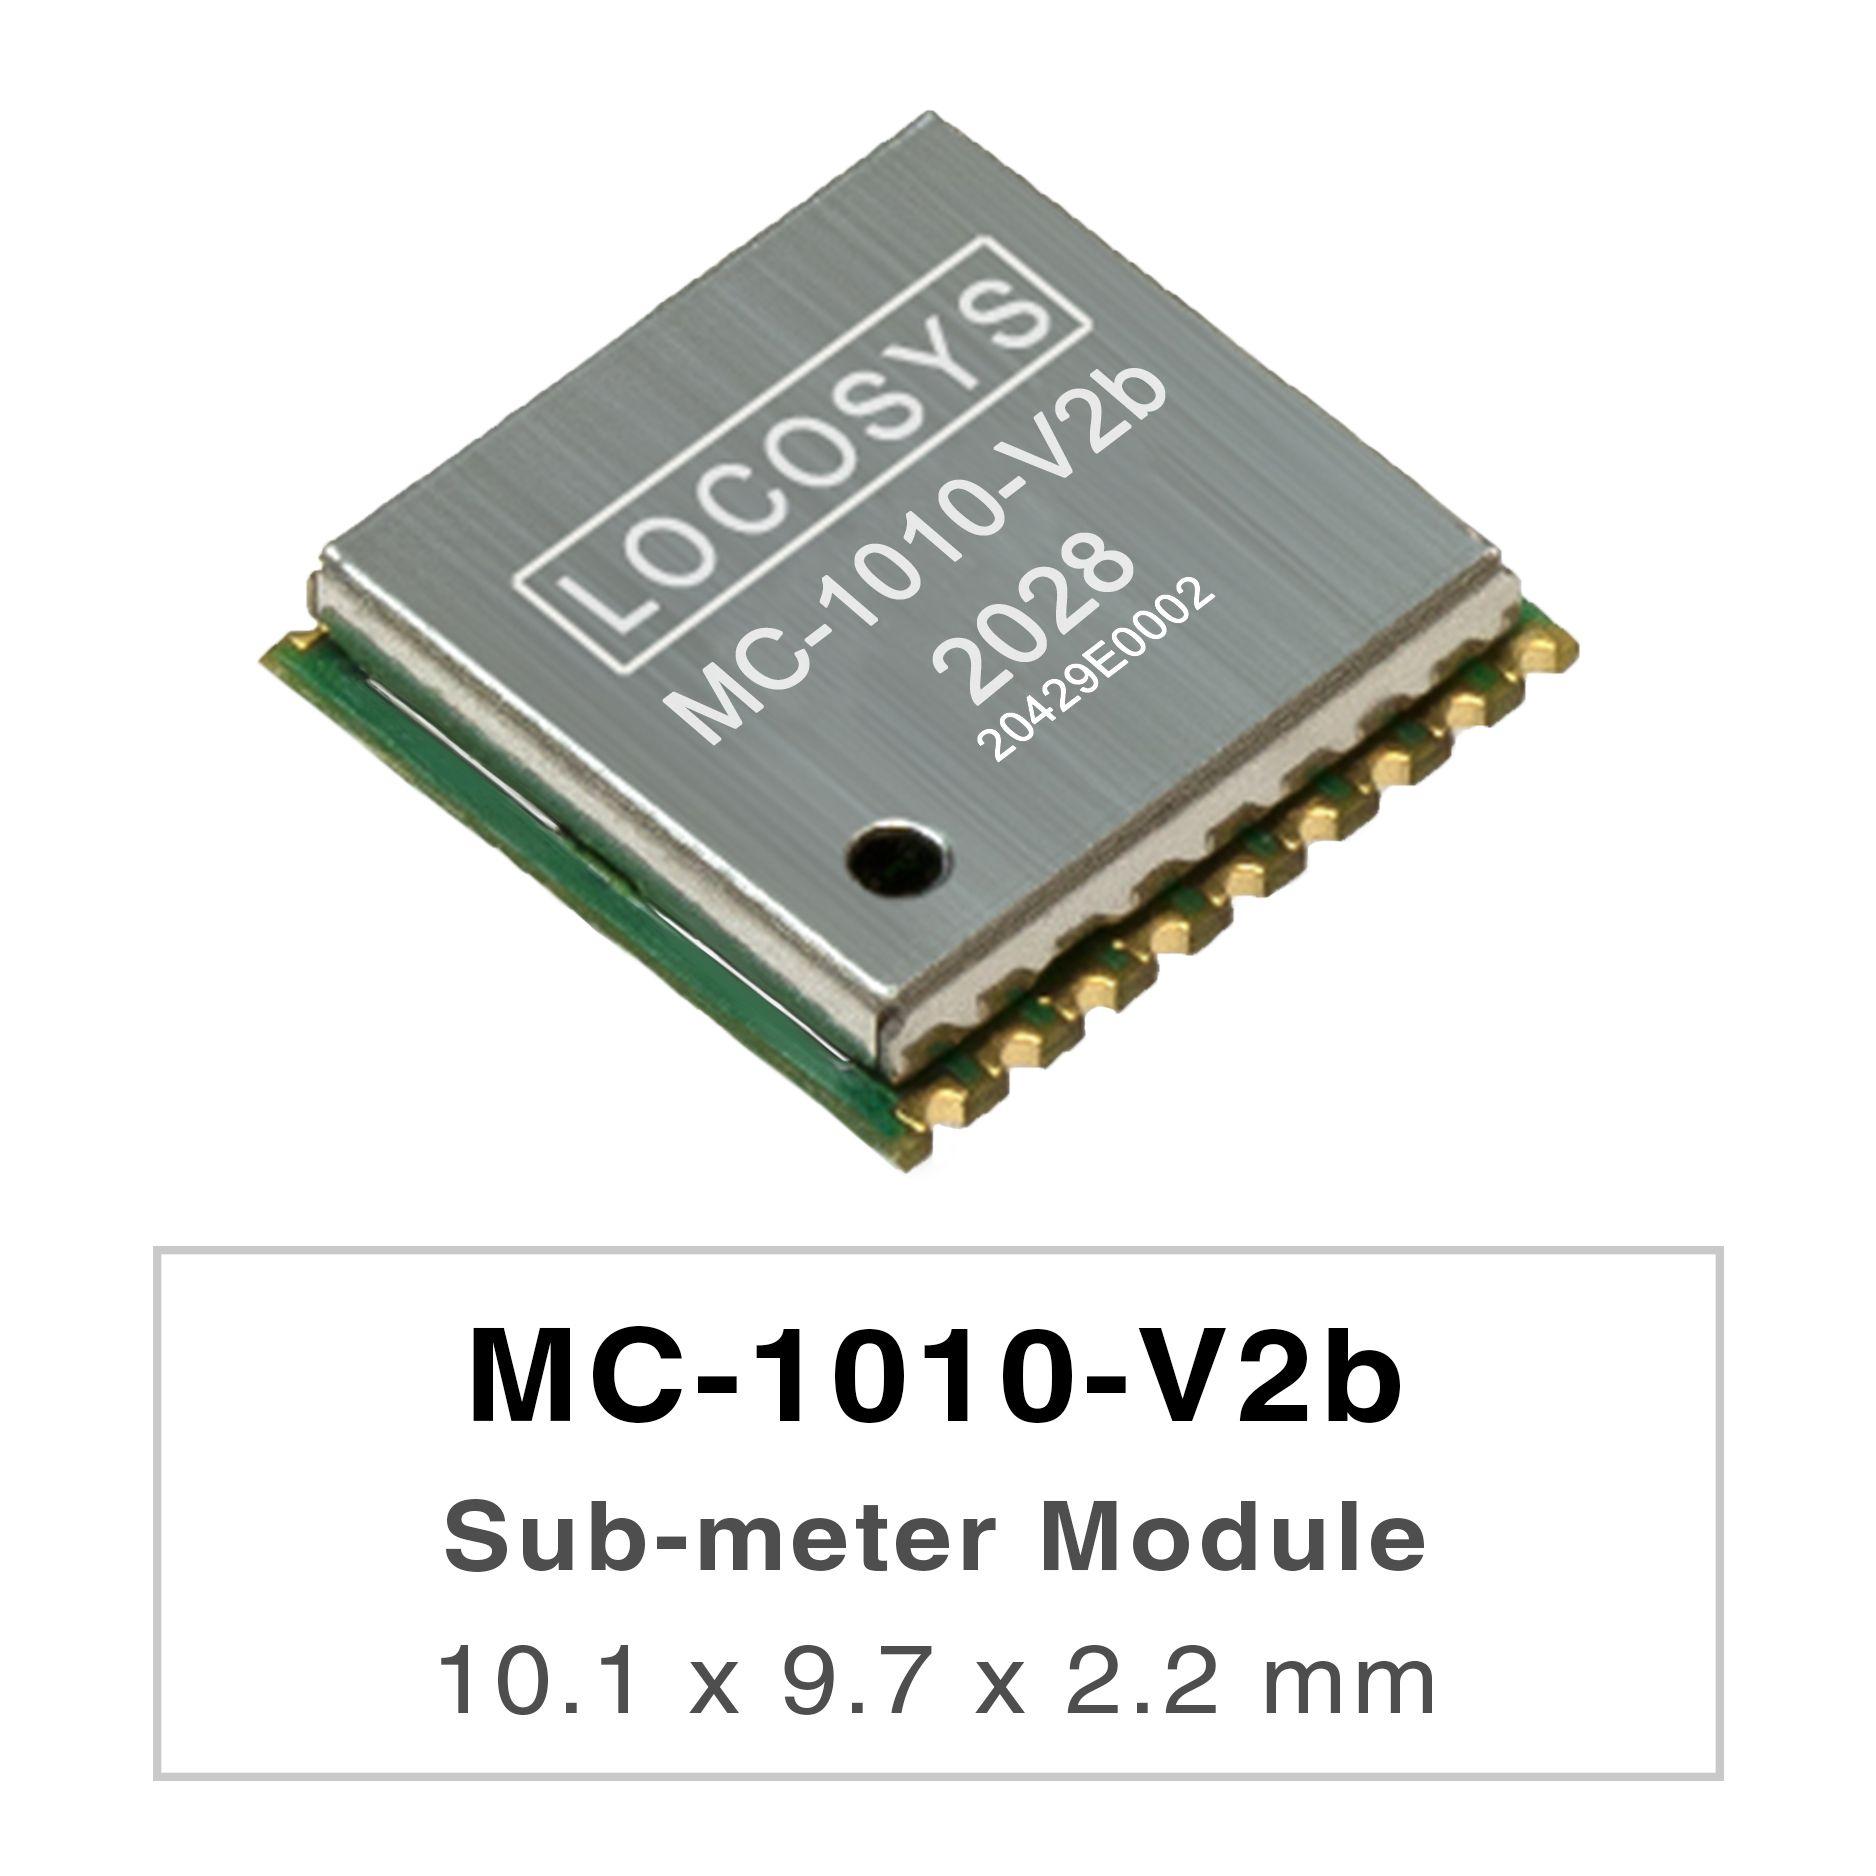 LOCOSYS MC-1010-Vxxシリーズは 、すべてのグローバルな民間ナビゲーションシステムを追跡できる高性能デュアルバンドGNSS測位モジュール です。12 nmプロセスを採用し、効率的な 電力管理アーキテクチャを統合 して、低電力と高感度を実現します。